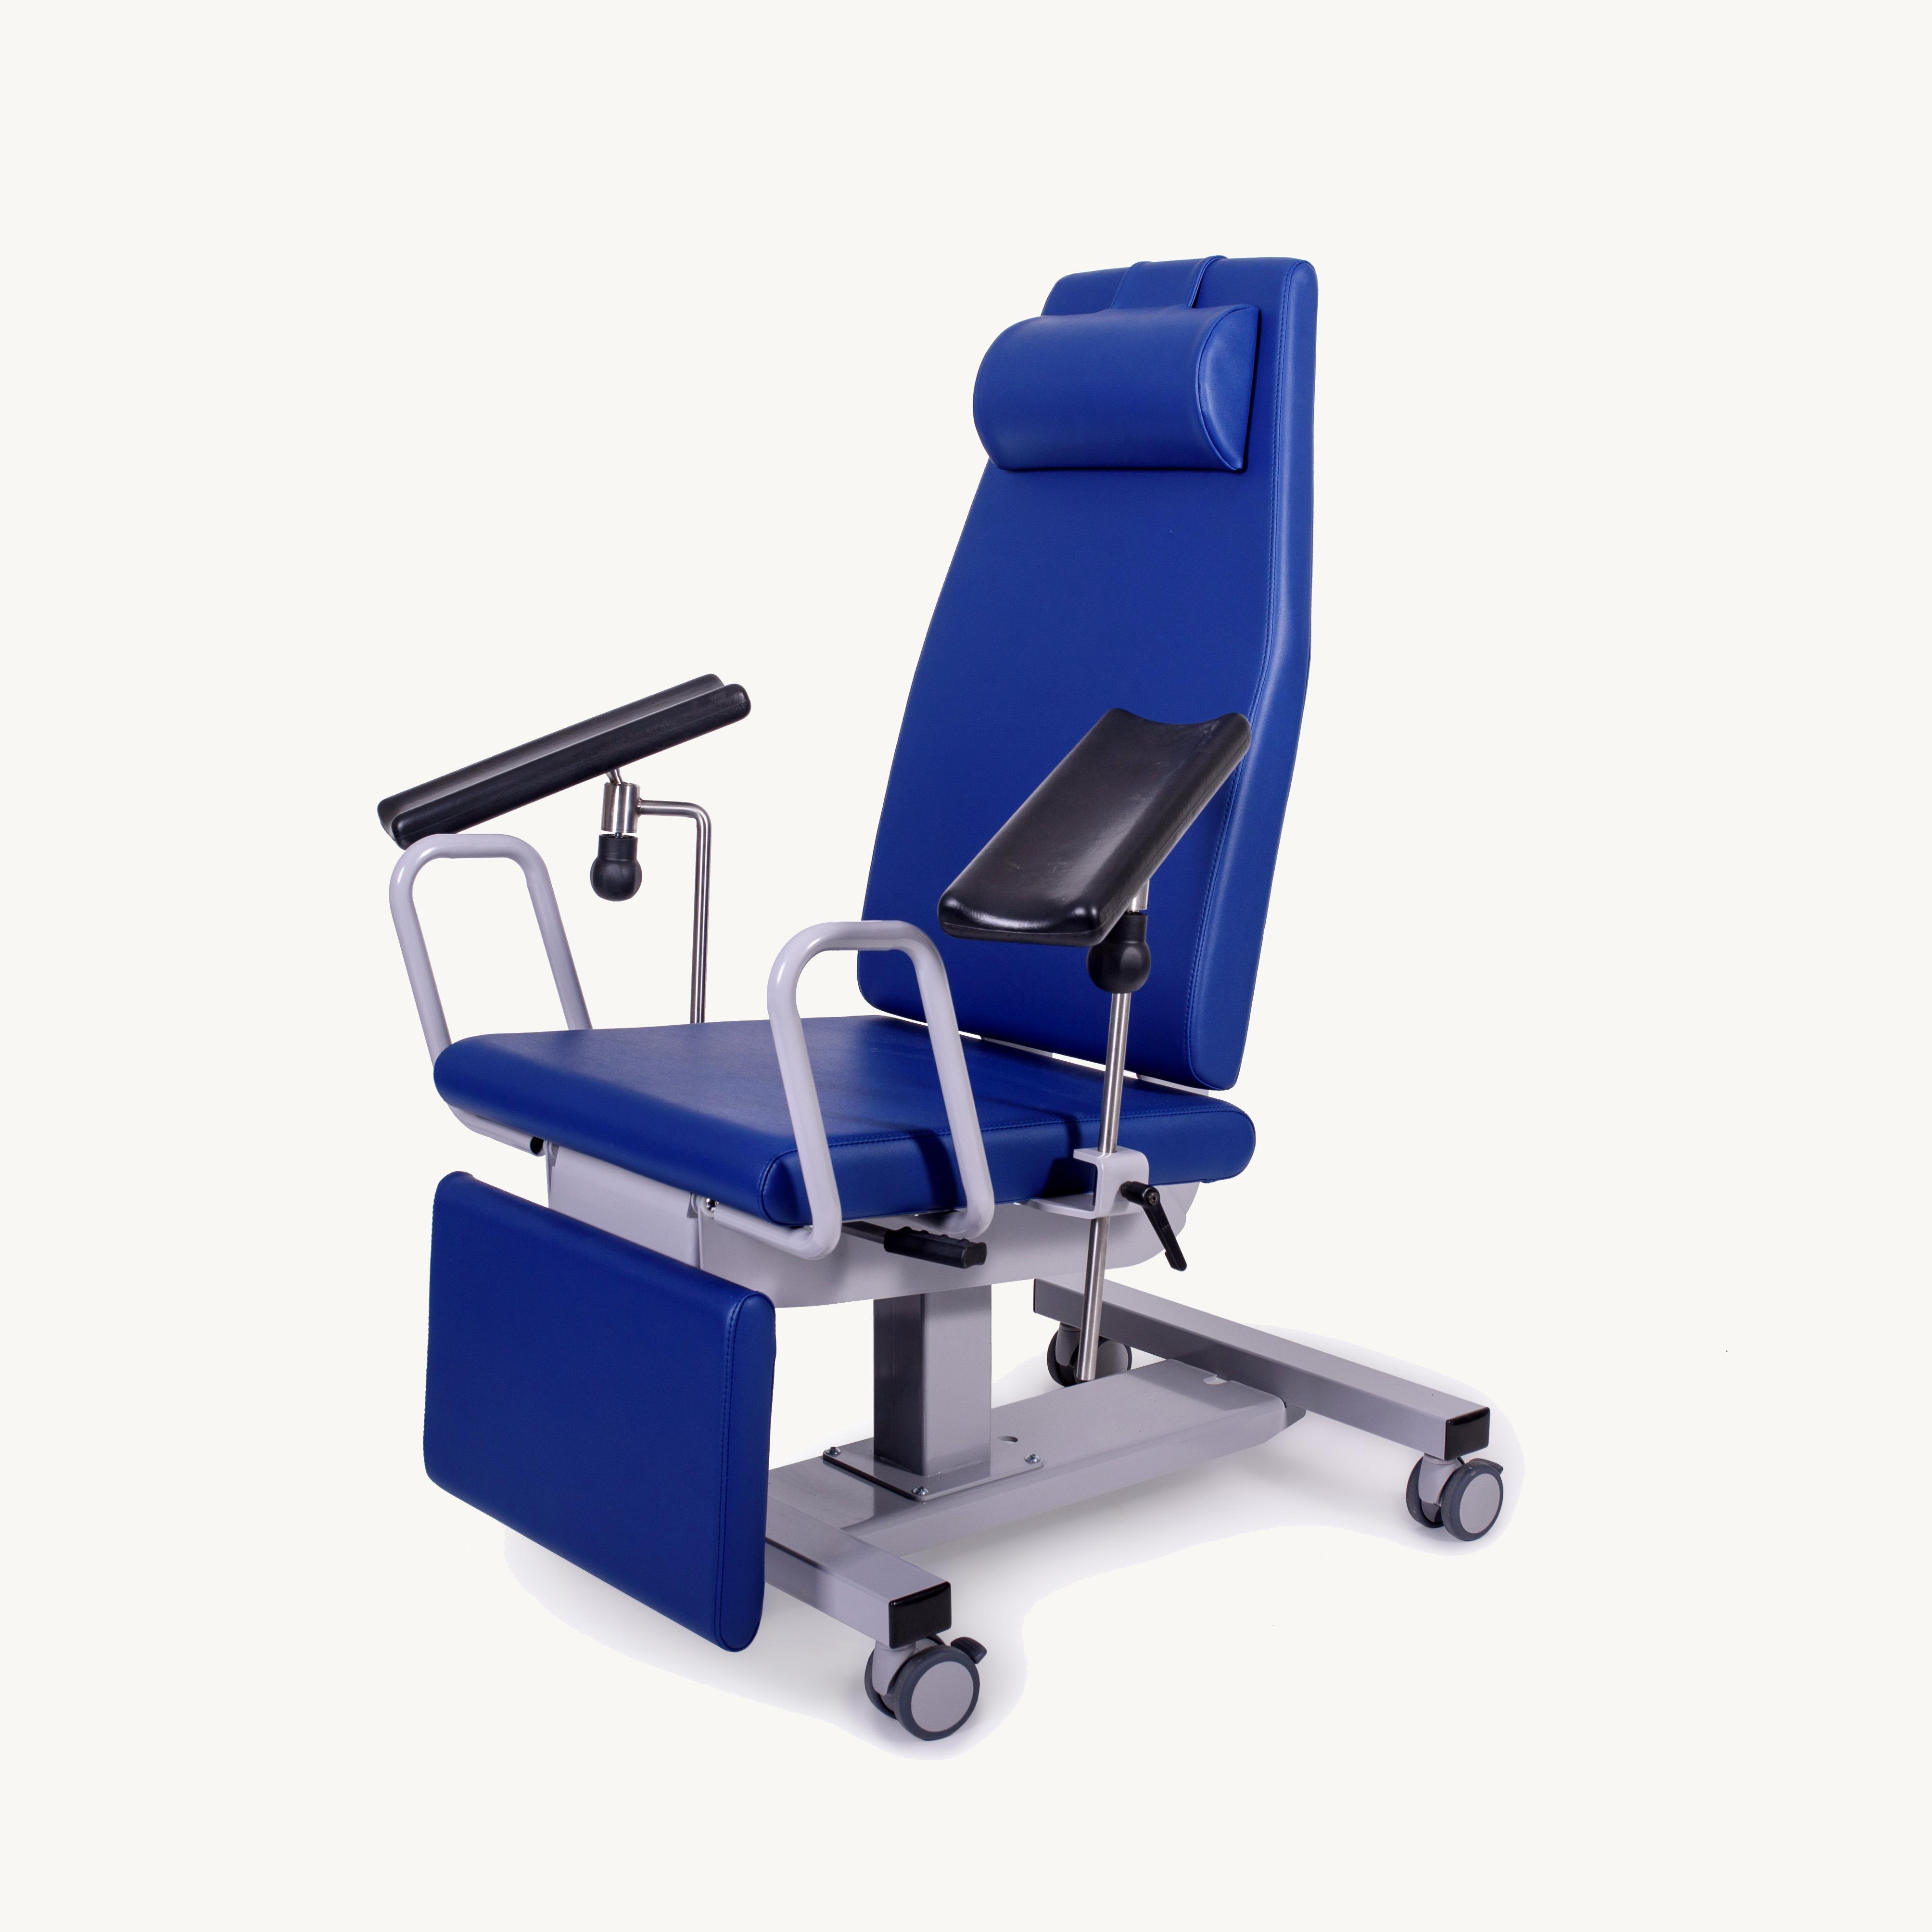 Vouwstoel Met Beensteun.Patienten En Behandelstoelen Meneer Kooi